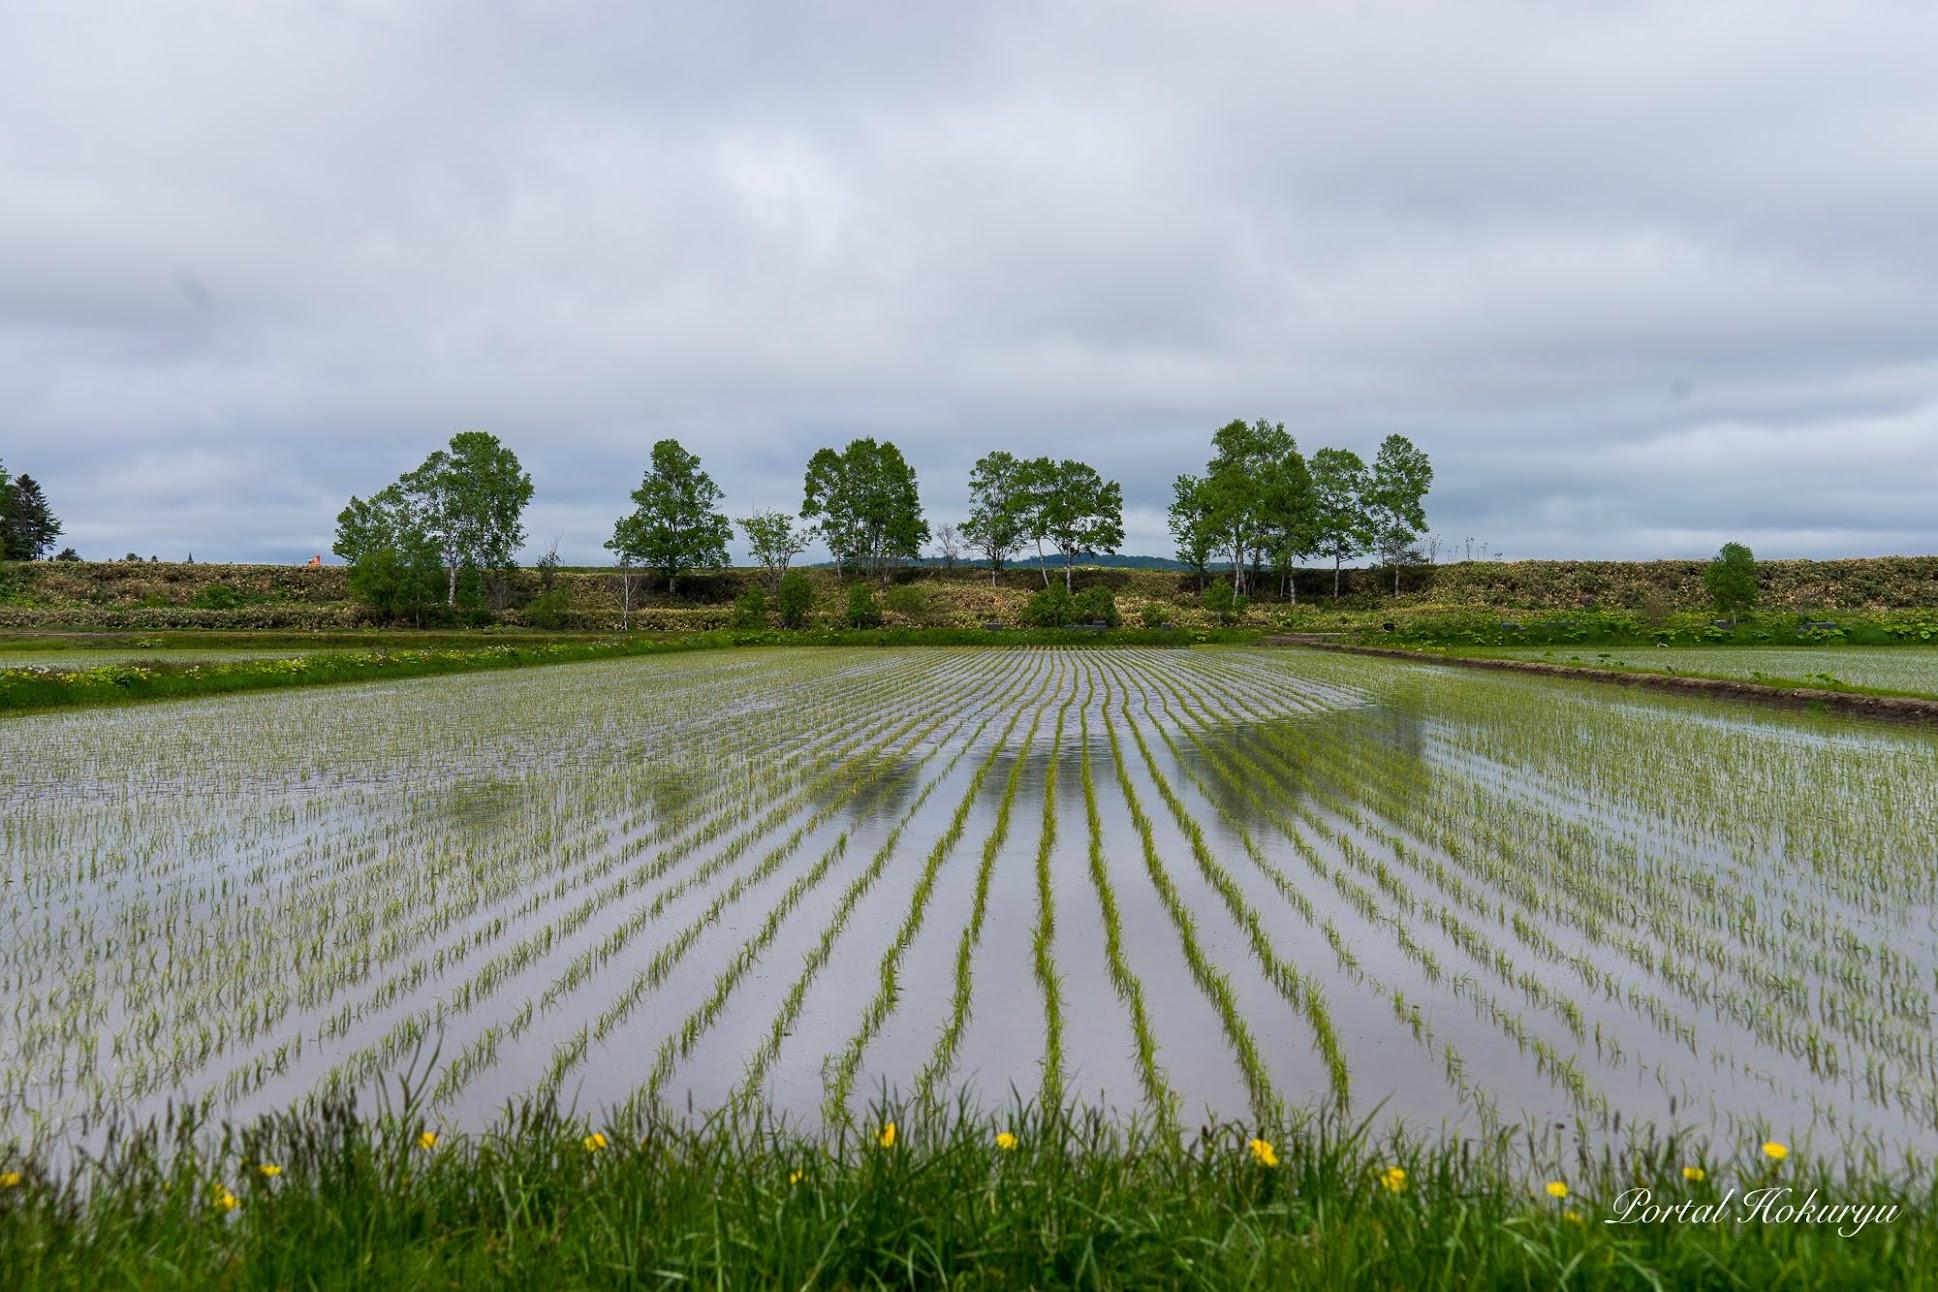 緑の縞模様を描く水田